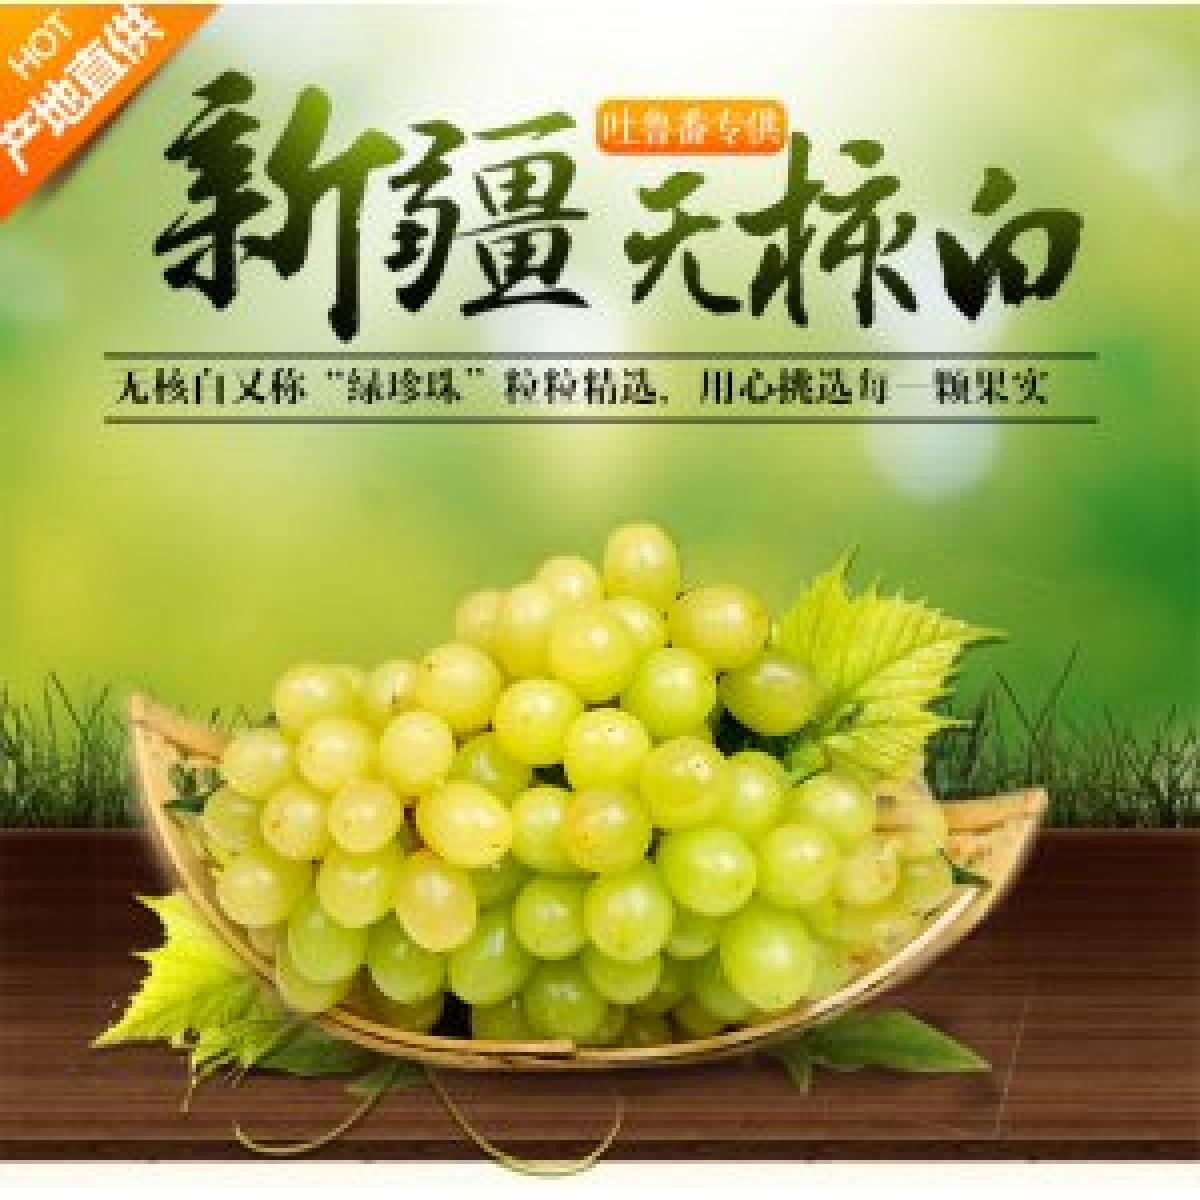 新疆 鲜葡萄  吐鲁番无核白 鲜葡萄【件】